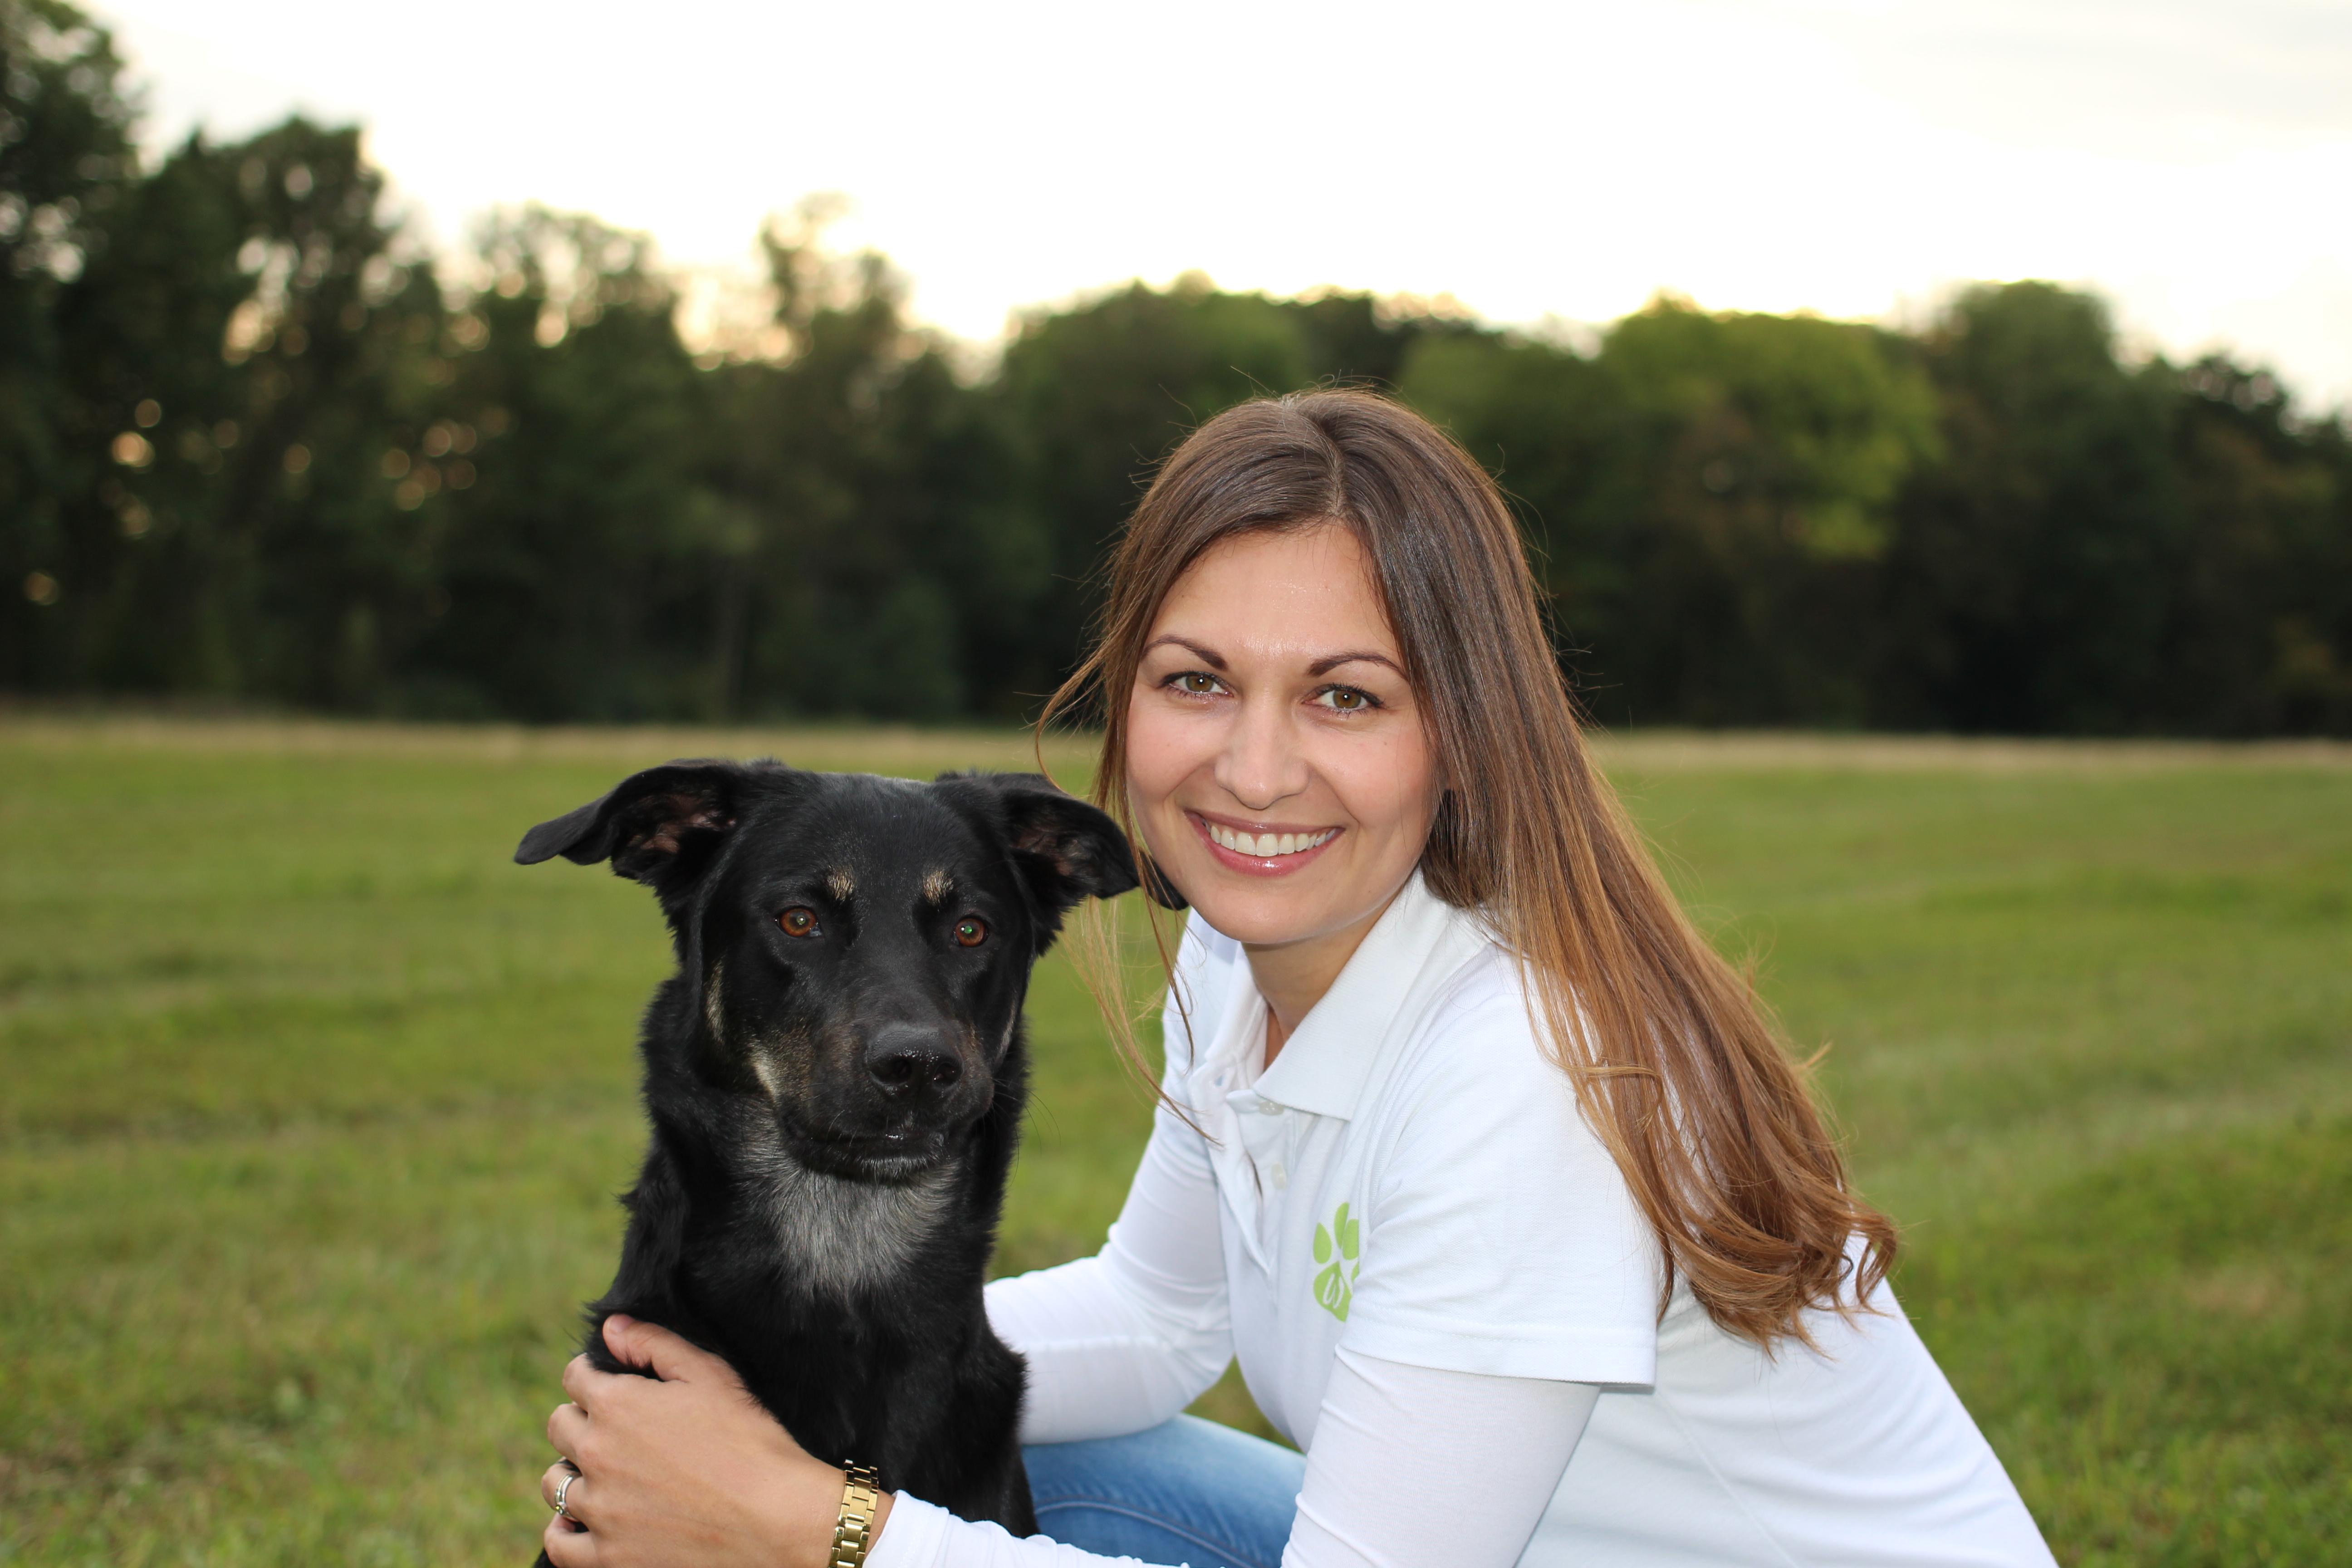 Schulmedizin vs. Naturheilkunde: der Beruf des Tierheilpraktikers